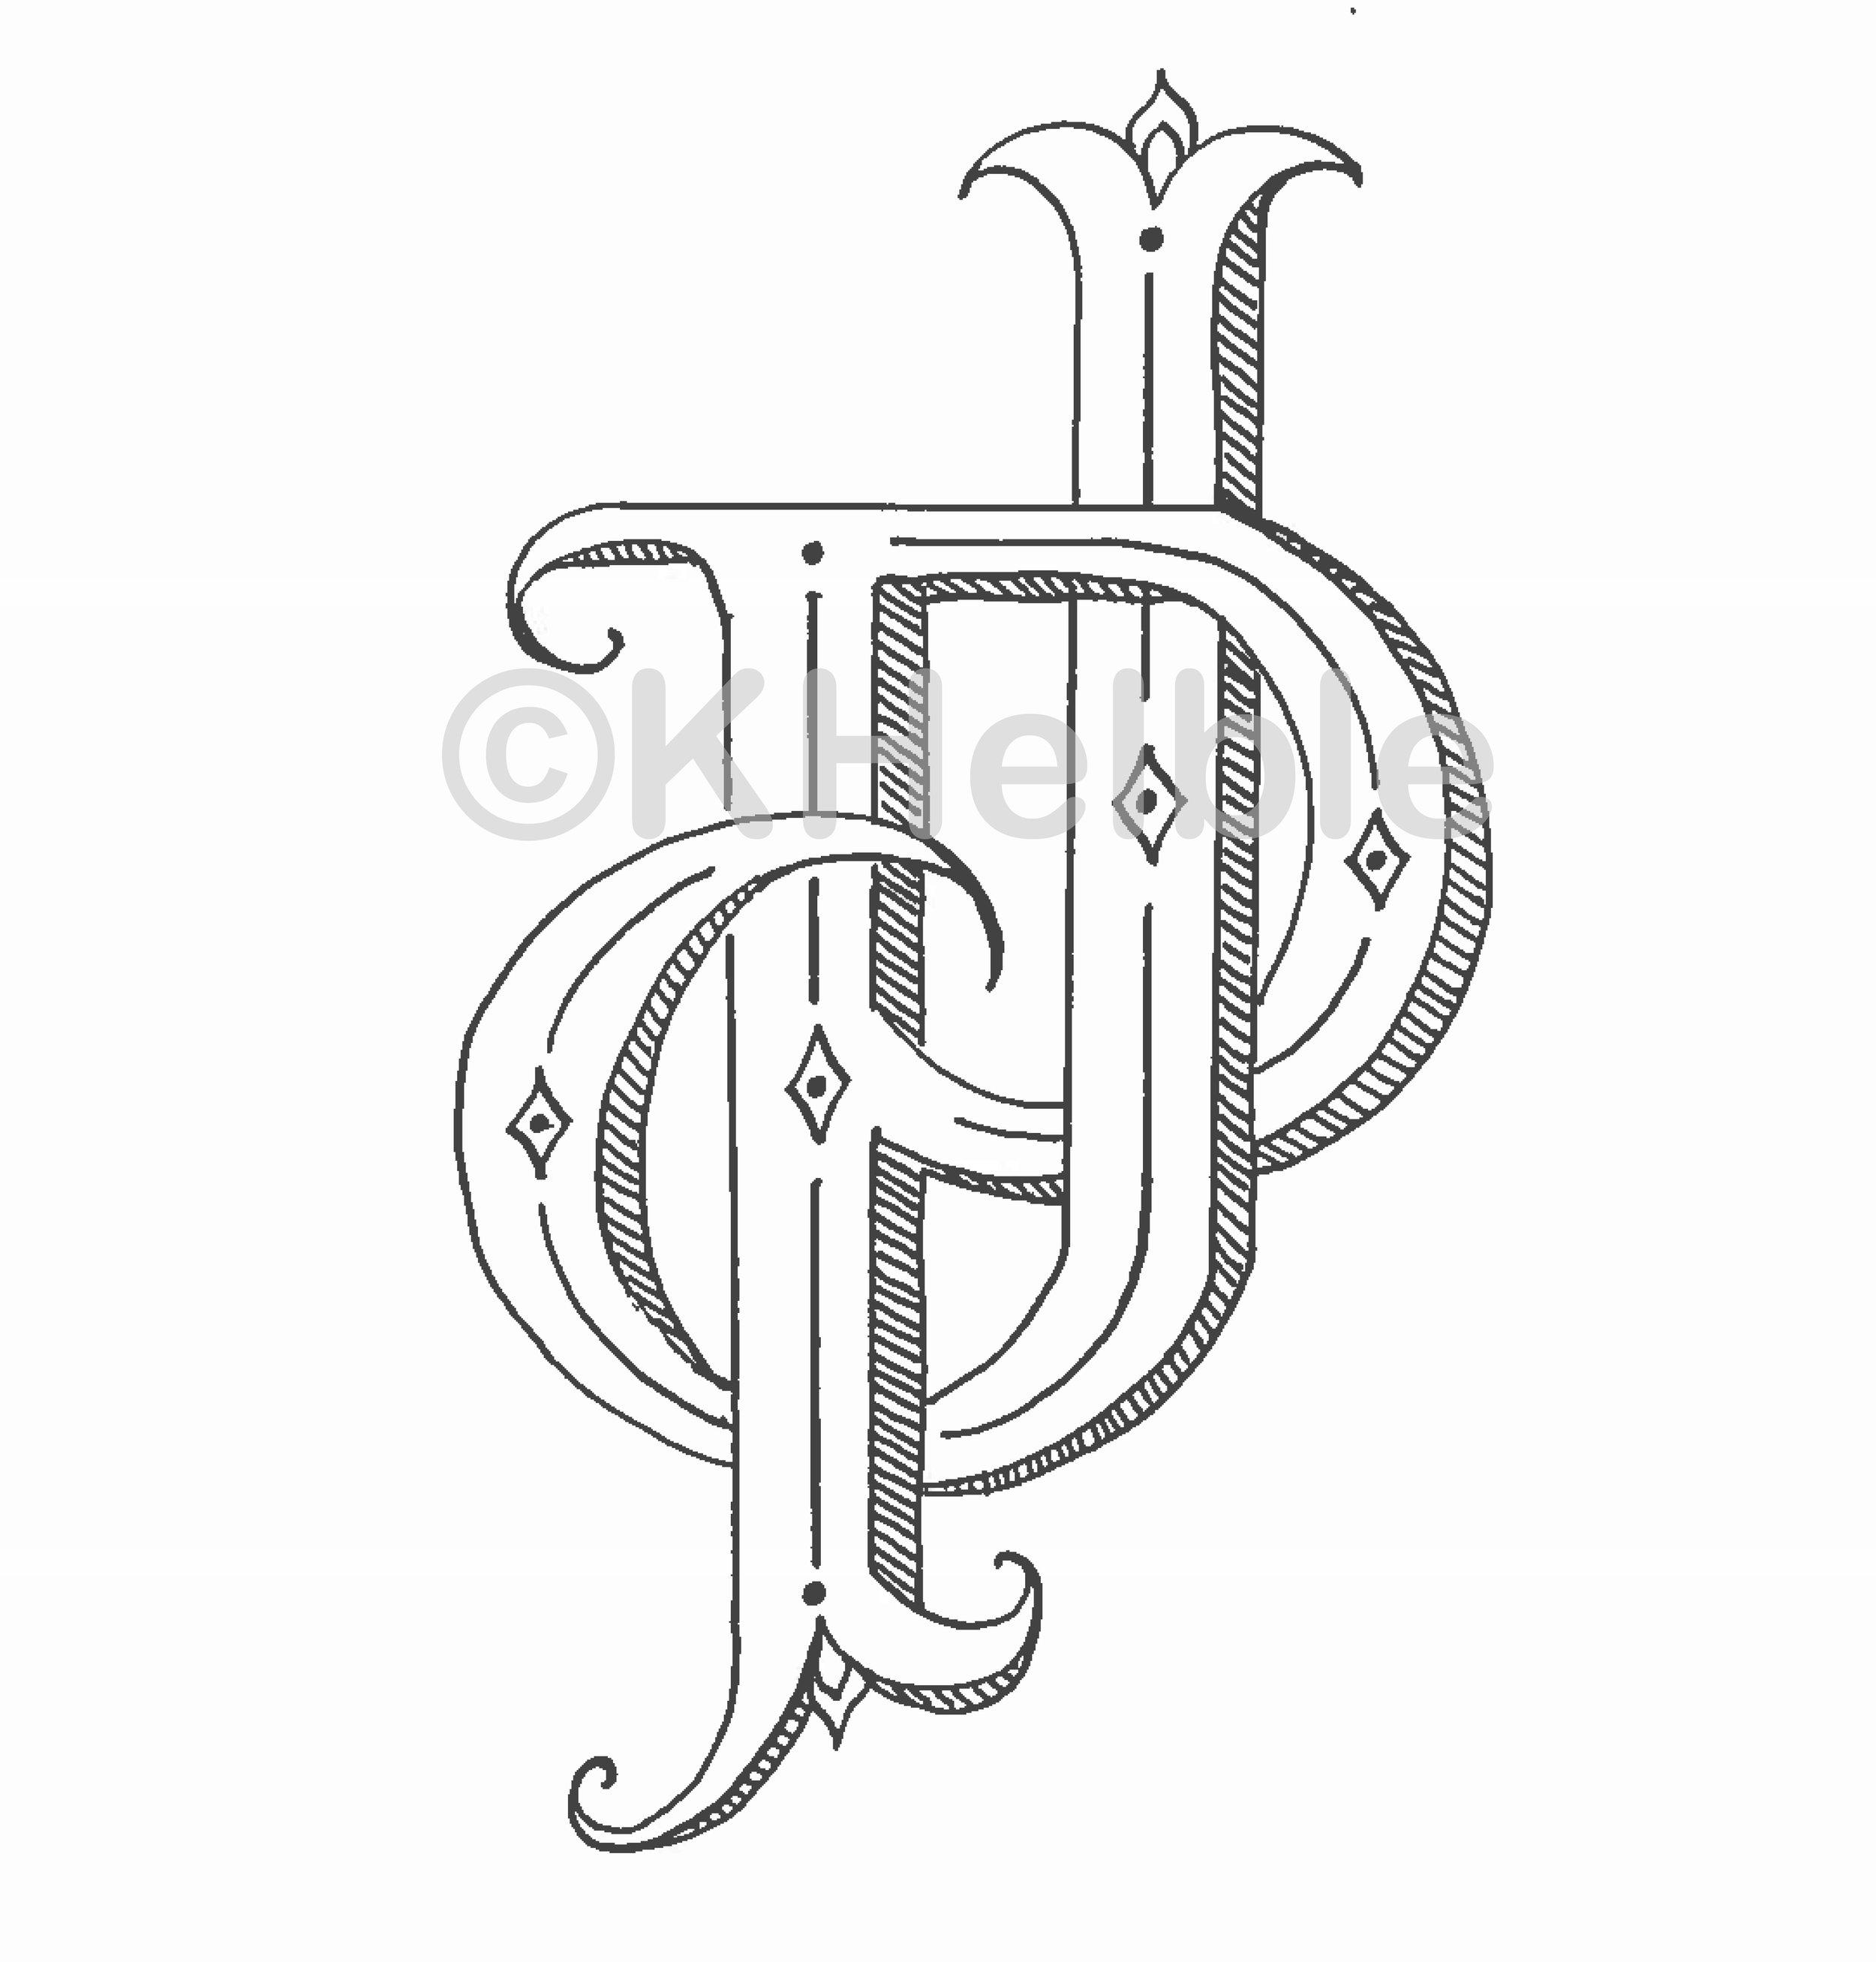 watermarked JP Monogram copy.jpg